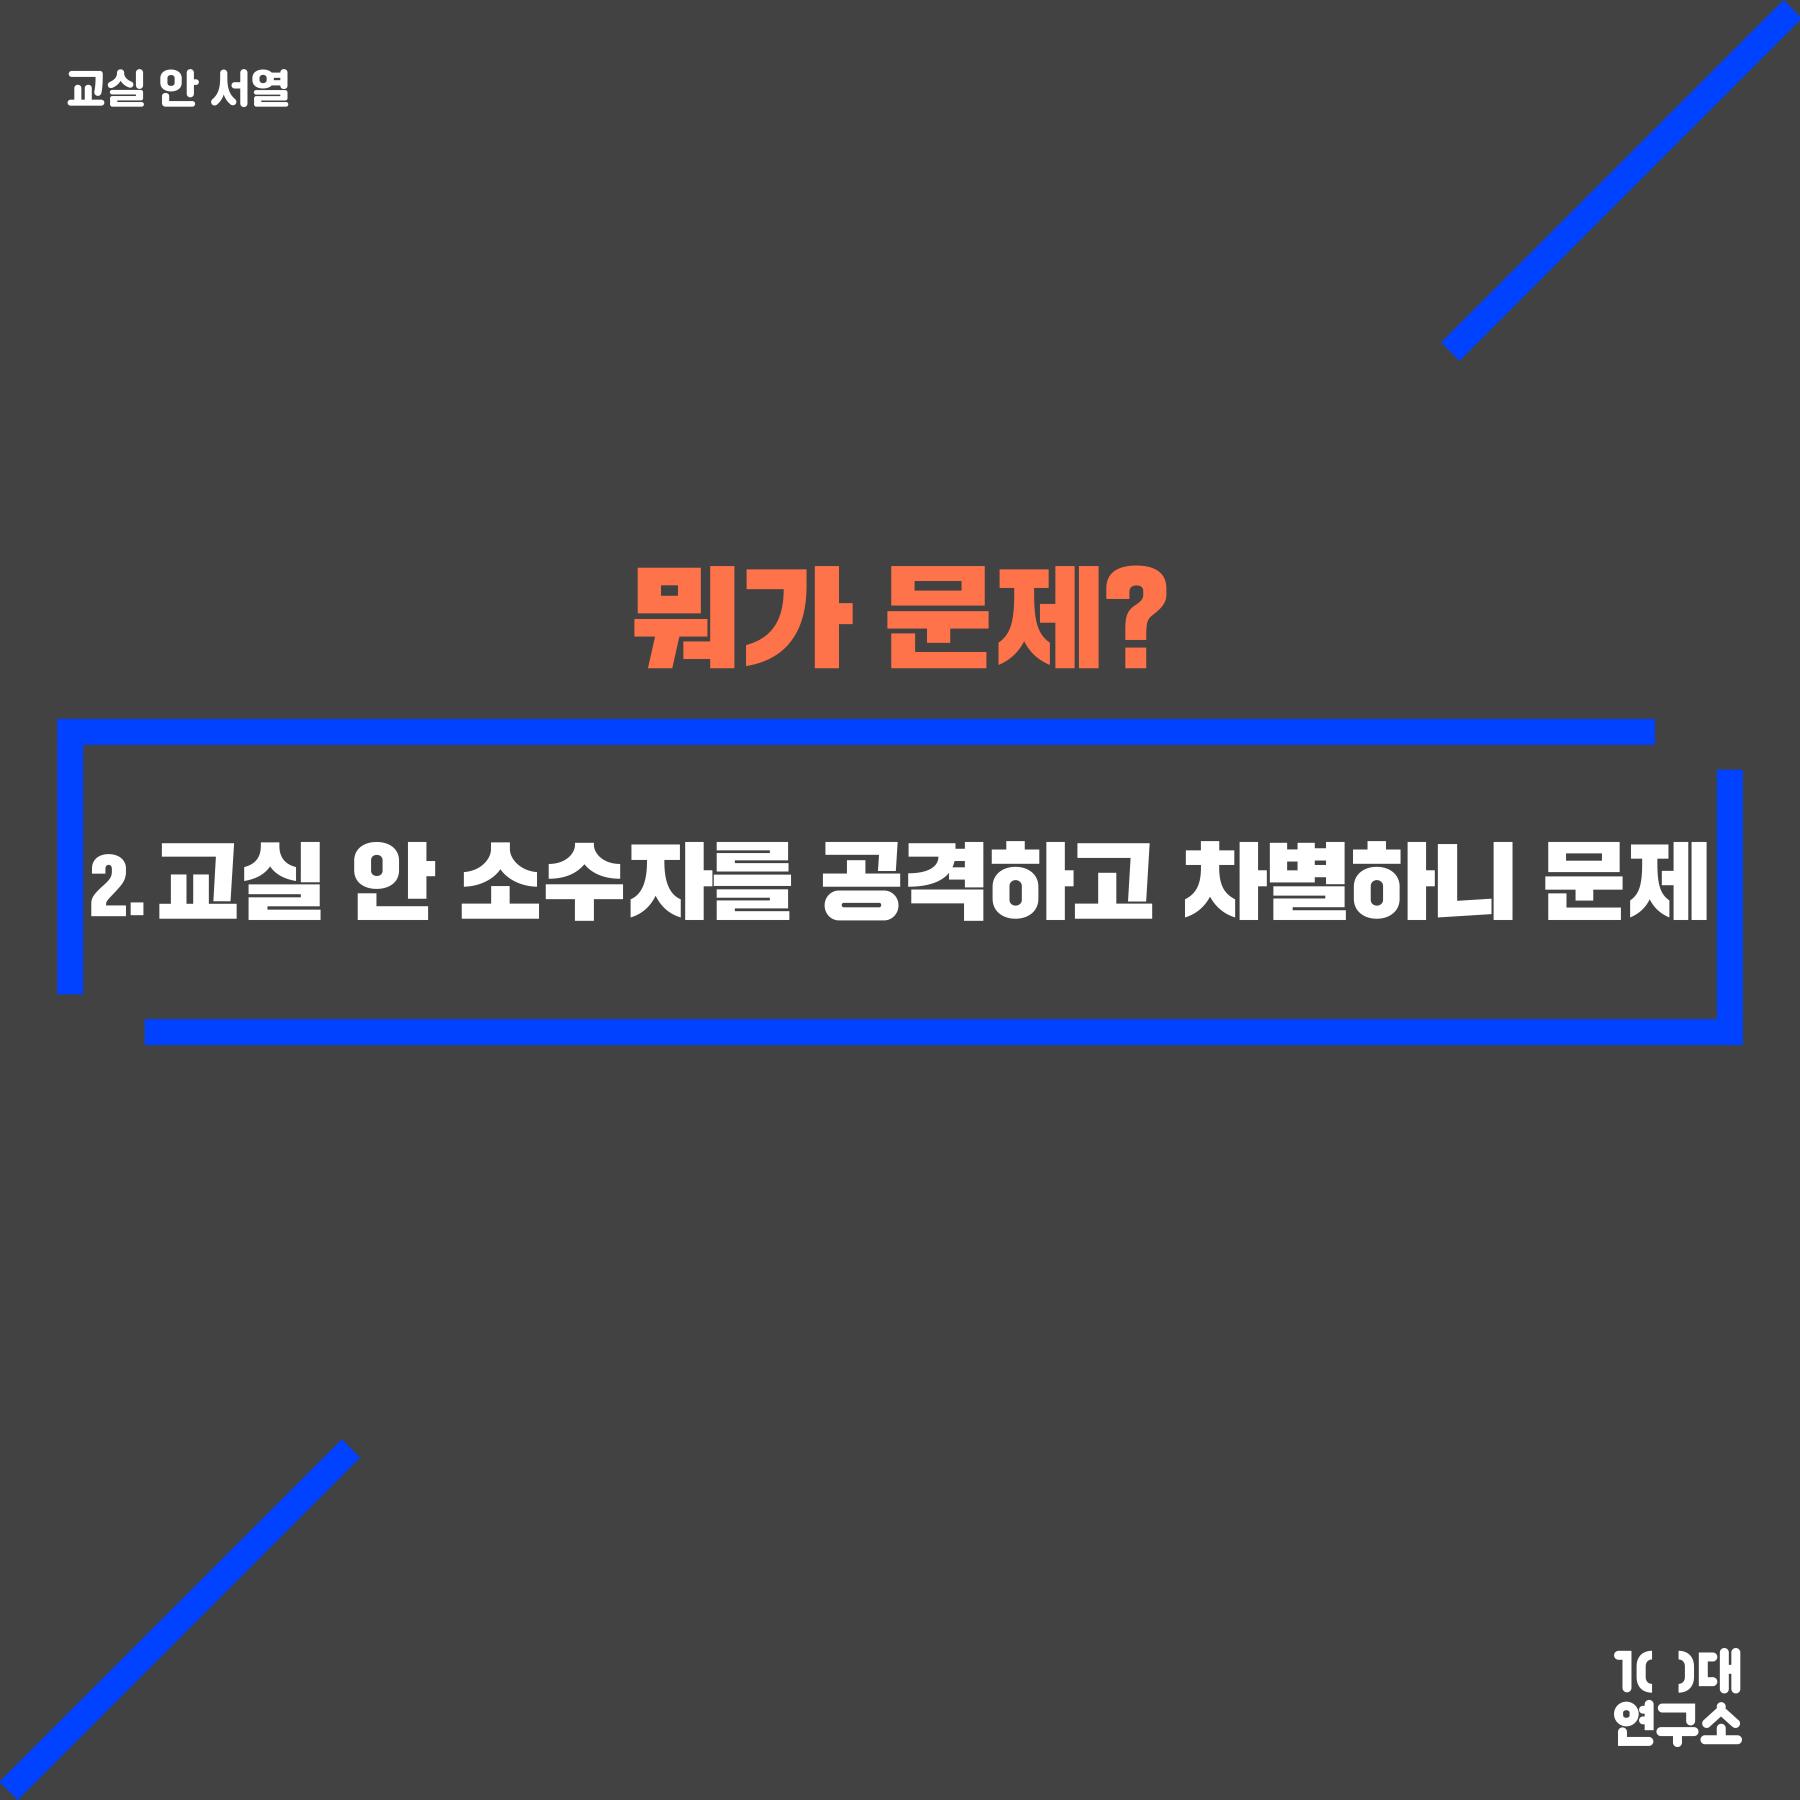 교실 안 서열_14.png